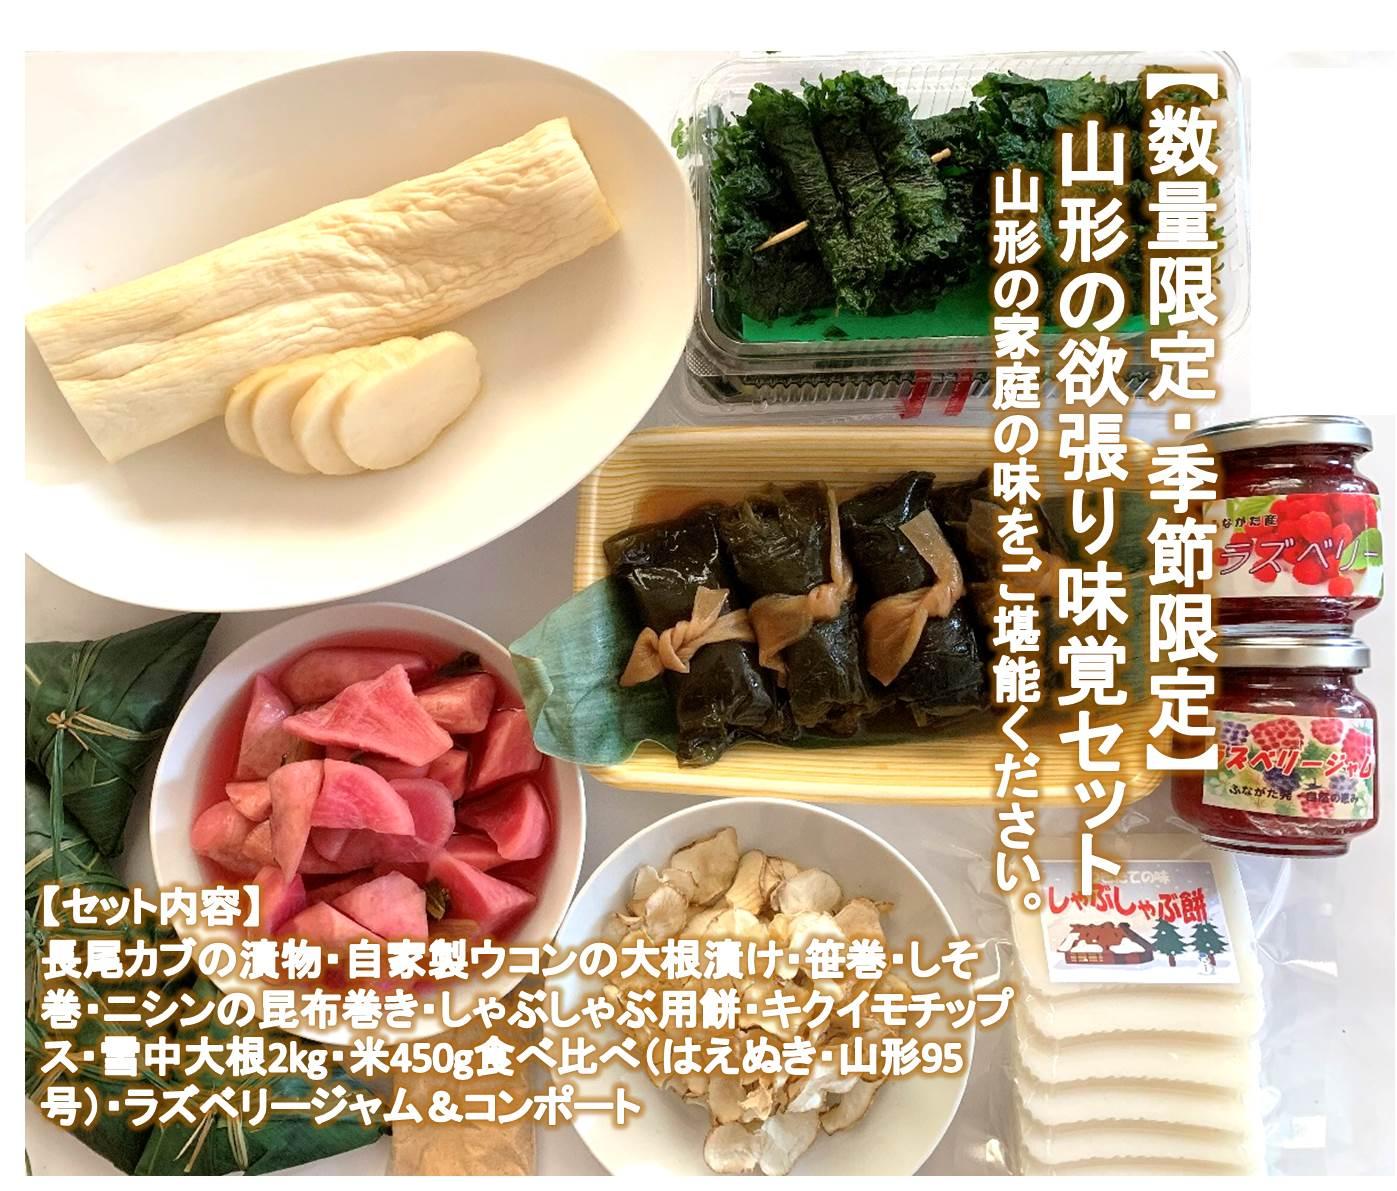 【食品事業】のイメージ